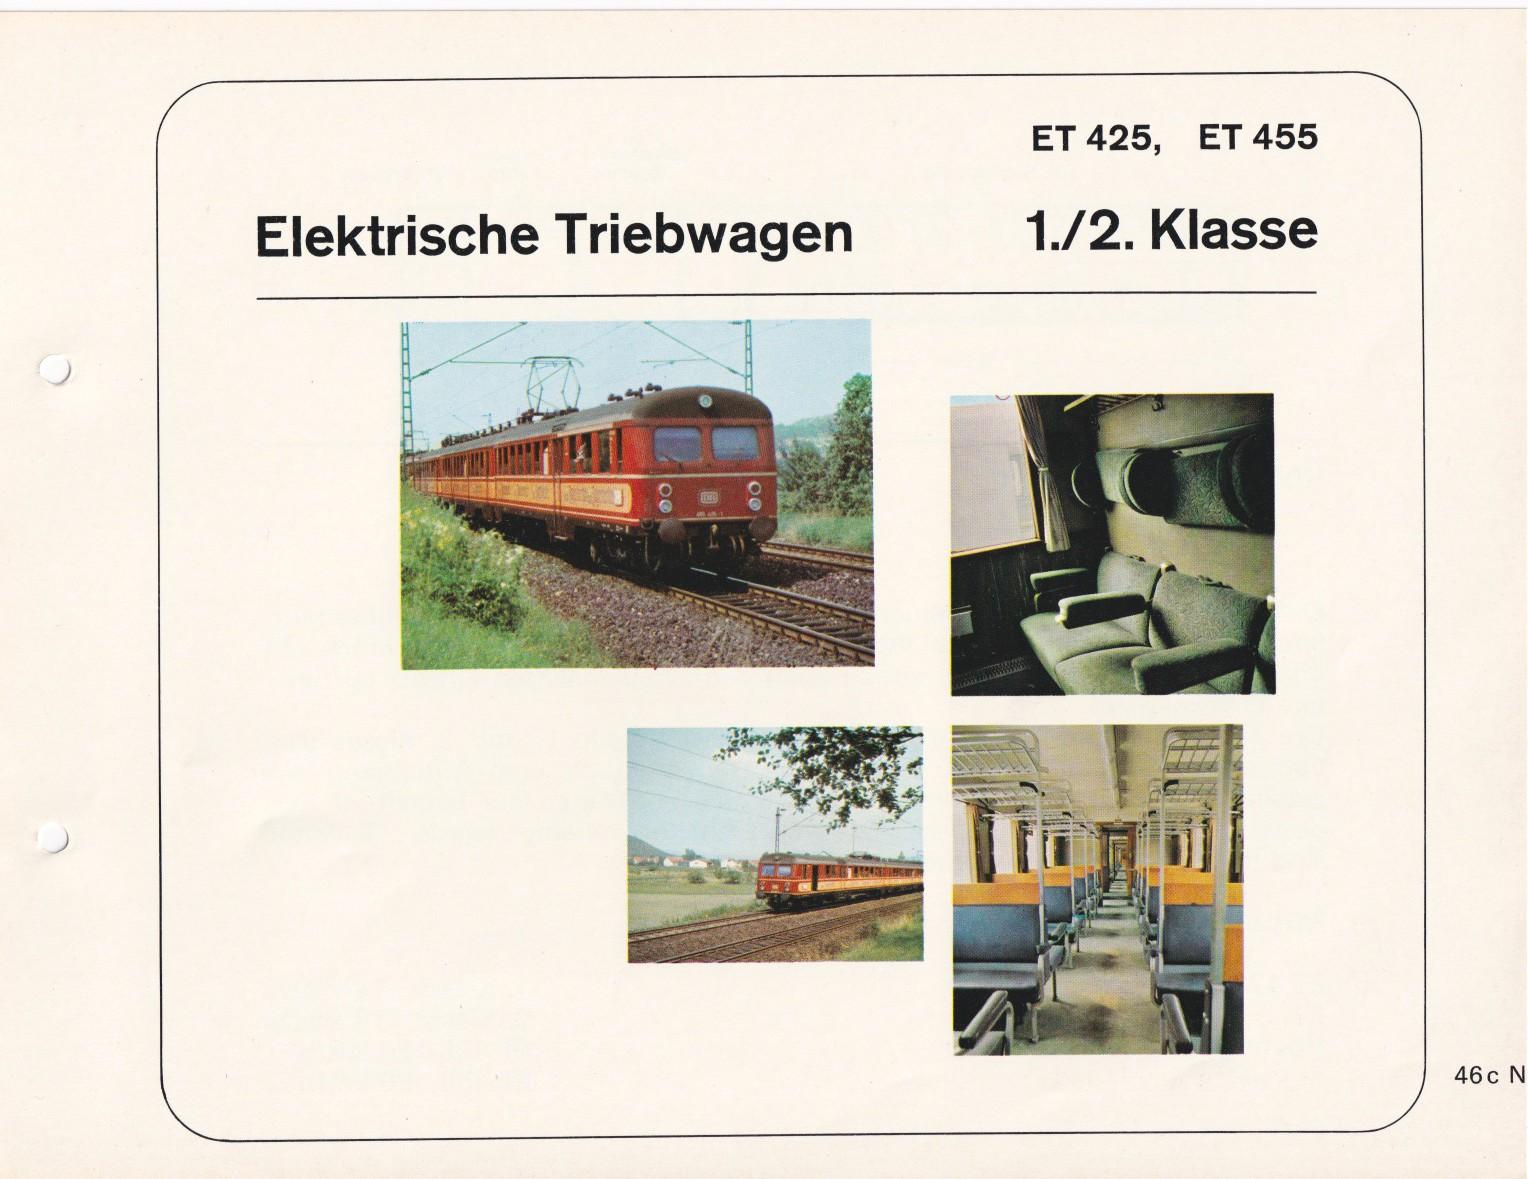 https://www.nullclub.de/hifo/Fahrzeuglexikon/Wagen46g.jpg